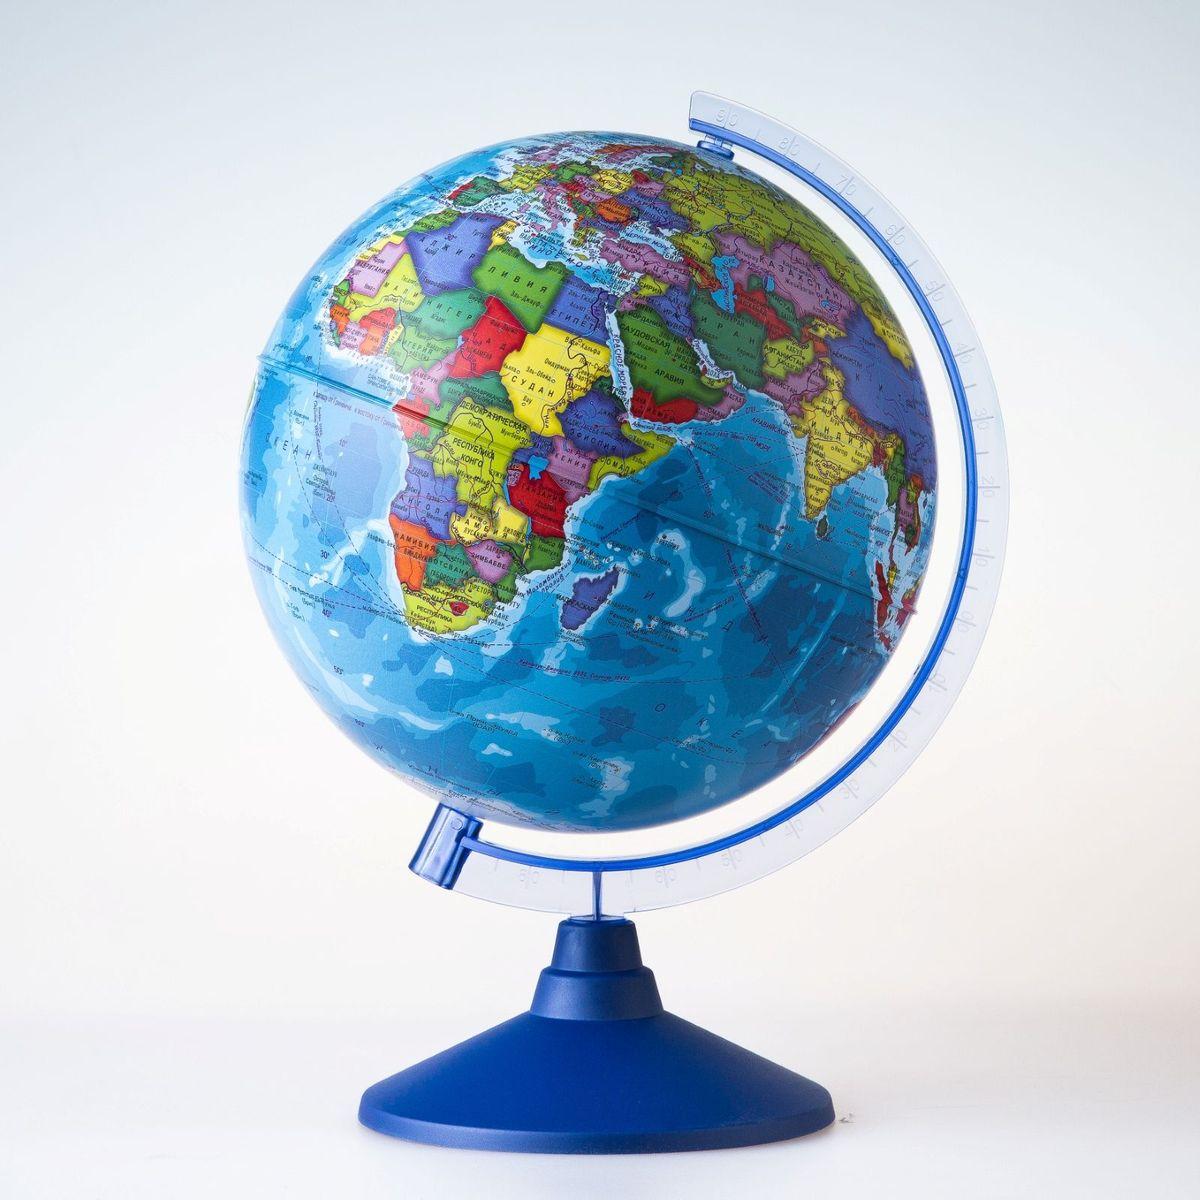 Глобен Глобус политический Классик Евро диаметр 25 см1072902Глобус для всех, глобус каждому!Глобус — самый простой способ привить ребенку любовь к географии. Он является отличным нагляднымпримером, который способен в игровой доступной и понятной форме объяснить понятия о планете Земля.Также интерес к глобусампроявляют не только детки, но и взрослые. Для многих уменьшенная копия планеты заменяет атлас мира из-за своей доступности иуниверсальности.Умный подарок! Кому принято дарить глобусы? Всем! Глобус политический Классик Евро — это уменьшенная копияземного шара, в которой каждый найдет для себя что-то свое. Путешественники и заядлые туристы смогут отмечать с помощью стикеров теместа, в которых побывали или собираются их посетить. Деловые и успешные люди оценят такой подарок по достоинству, потому что глобусассоциируется со статусом и властью. Преподаватели, ученые, студенты или просто неординарные личности также найдут для глобуса достойноеместо в своем доме.Итак, спешите заказать настольные глобусы в нашем интернет-магазине по привлекательным ценам, и помните, ктовладеет глобусом, тот владеет миром!